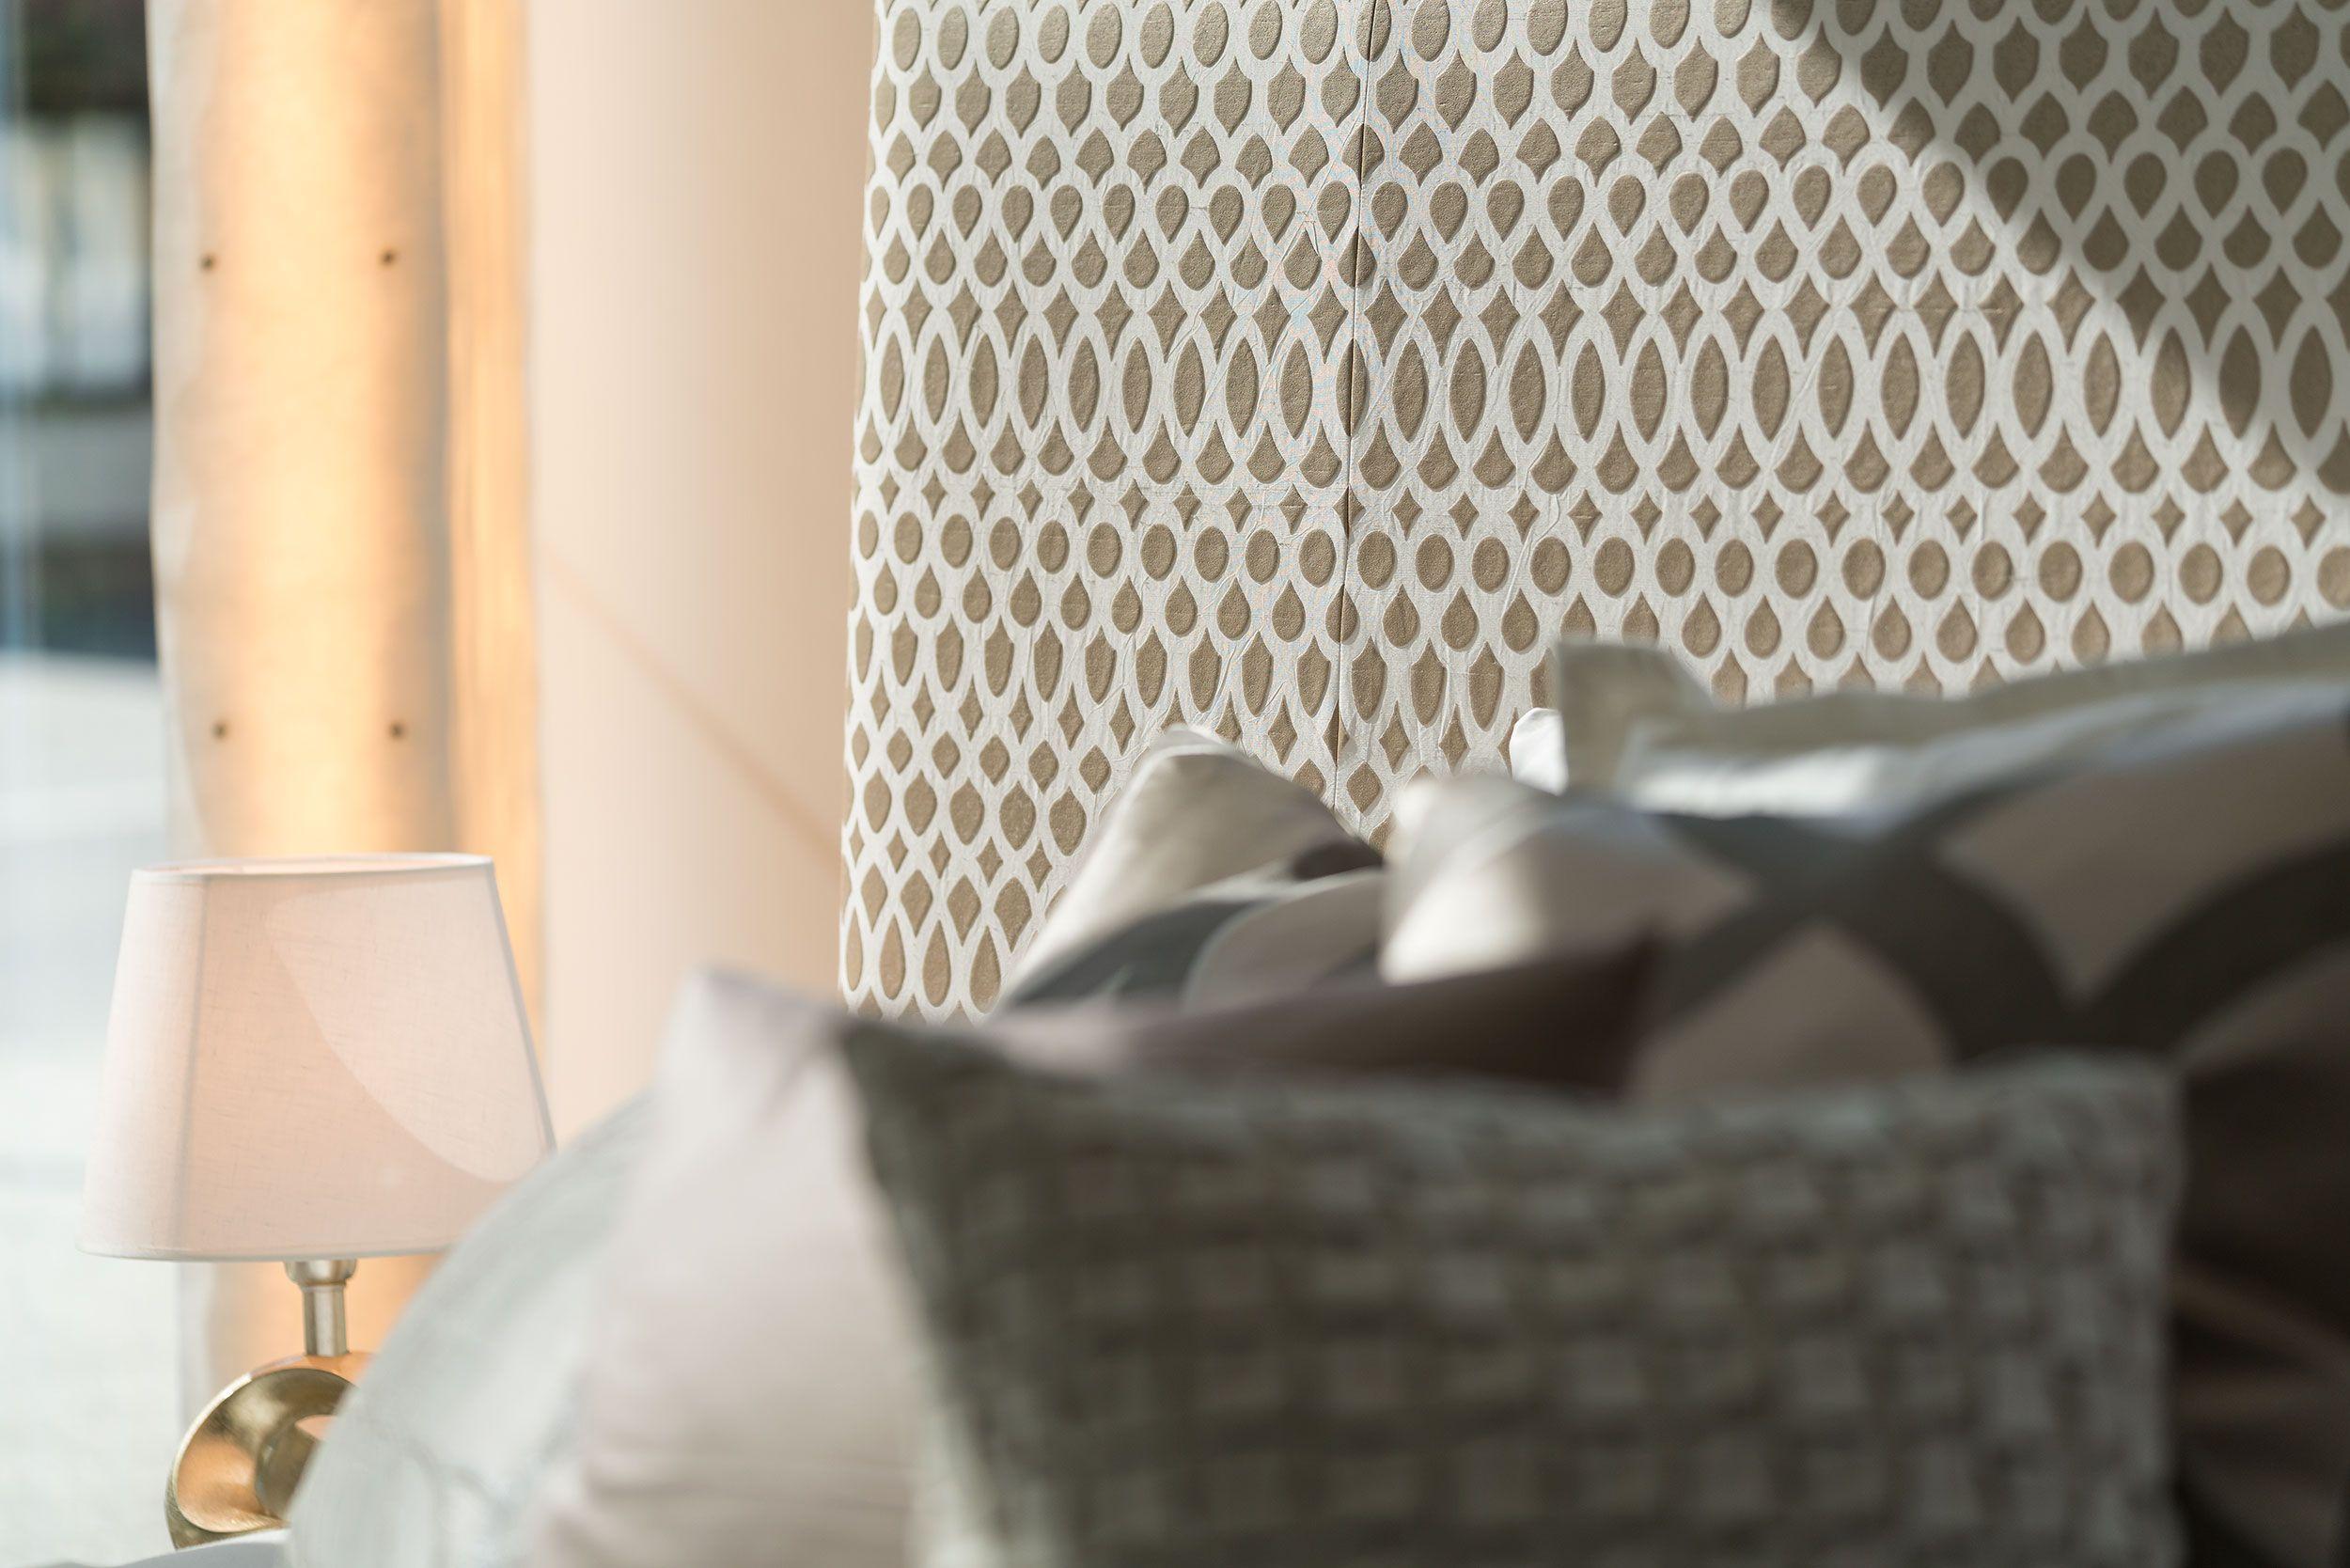 Schlafzimmer ausstellungsstück ~ Bett grand cru von schramm leuchte von steve lechot und cantori